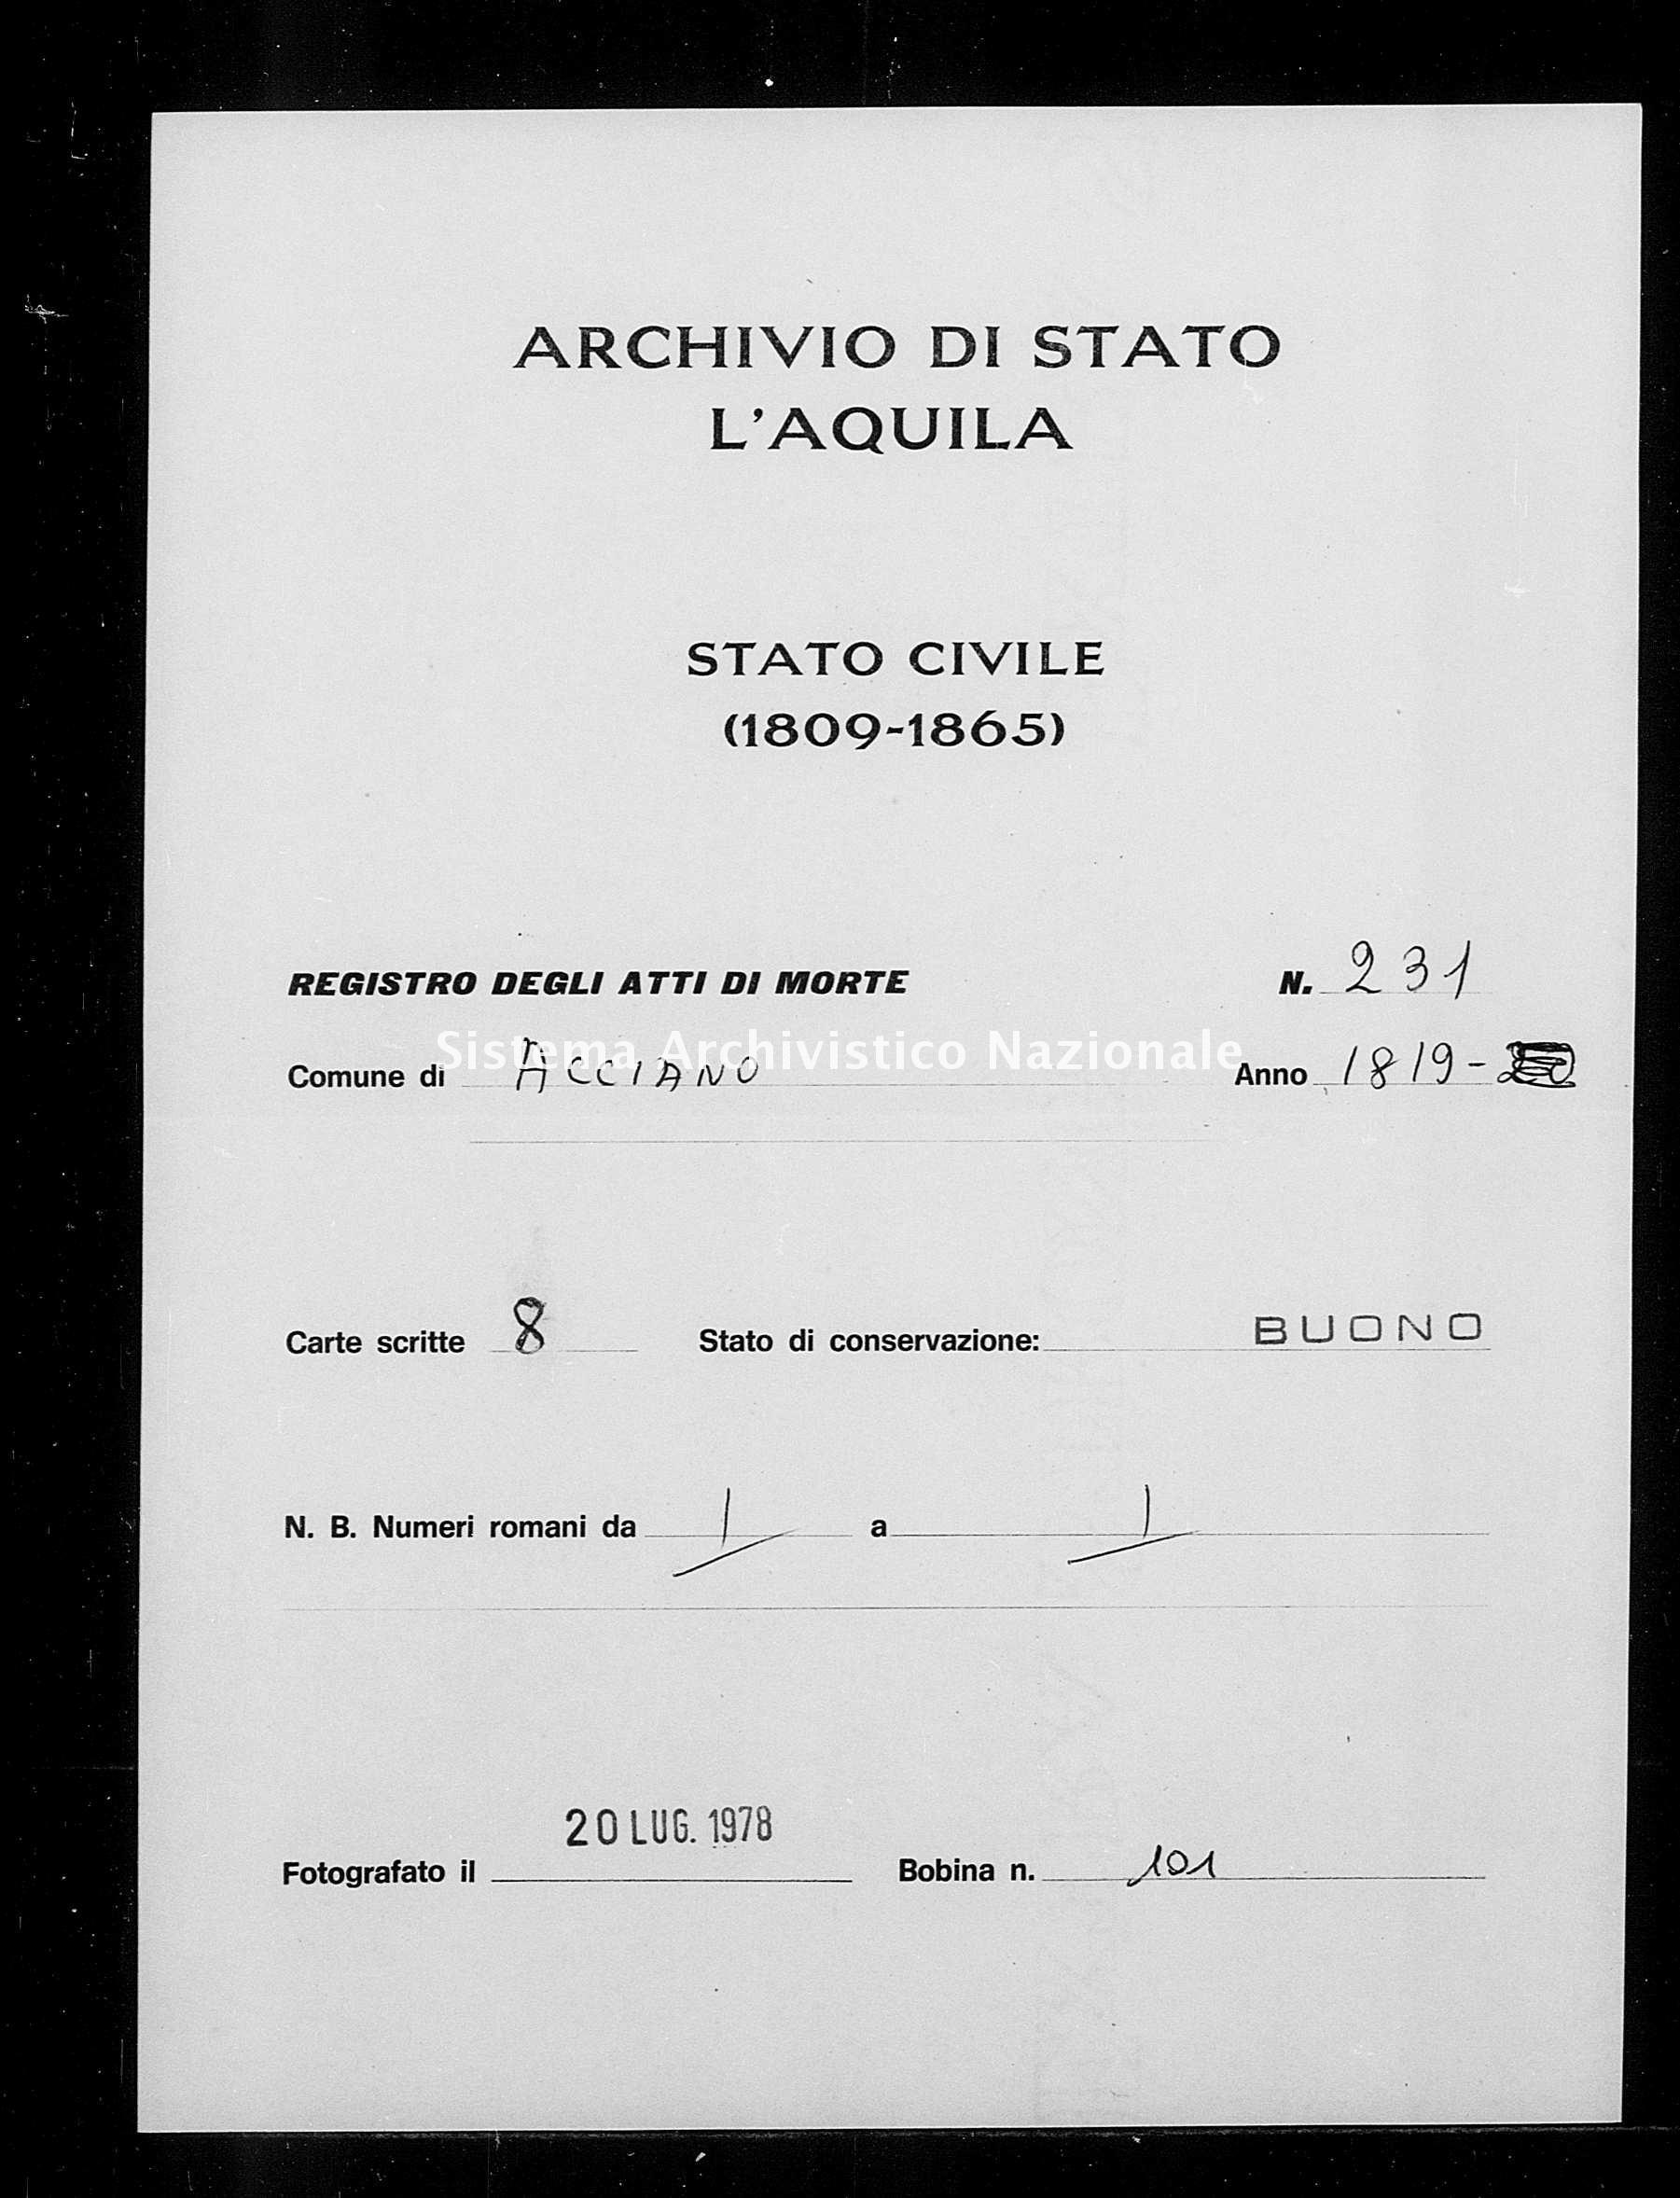 Archivio di stato di L'aquila - Stato civile della restaurazione - Acciano - Morti - 1819 - 231 -